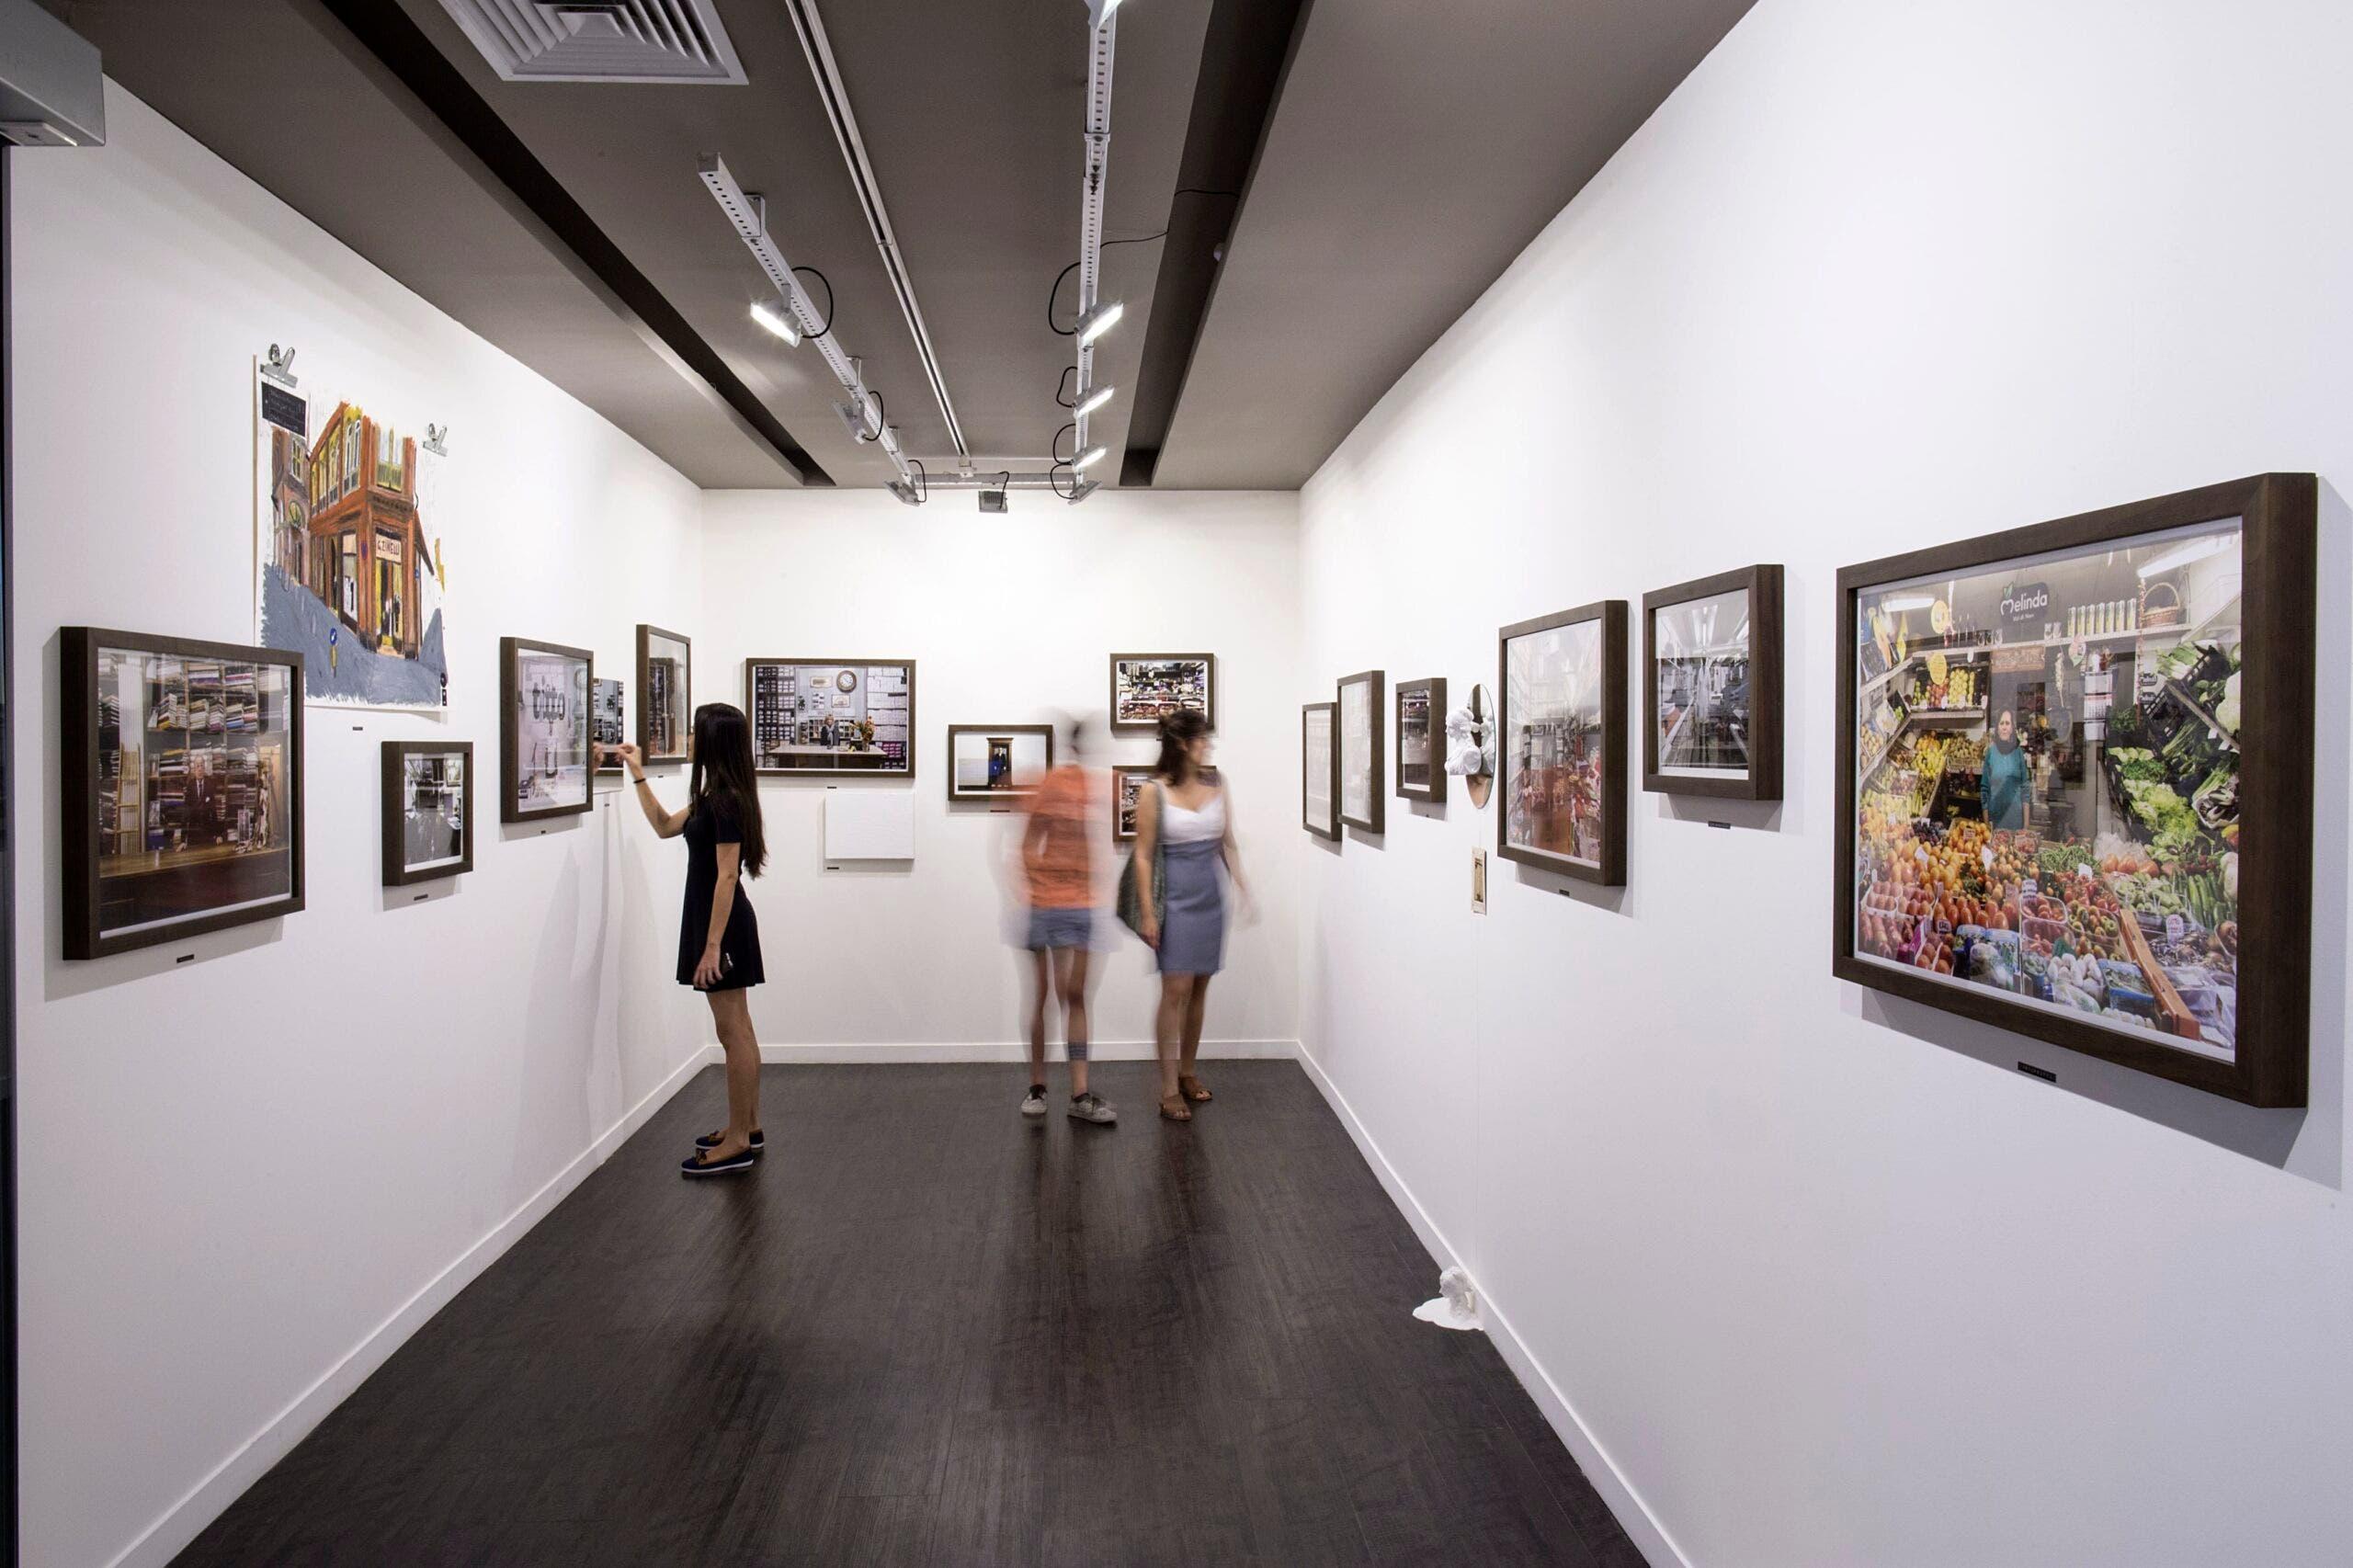 Casa Fiat De Cultura programma Piccola Galleria